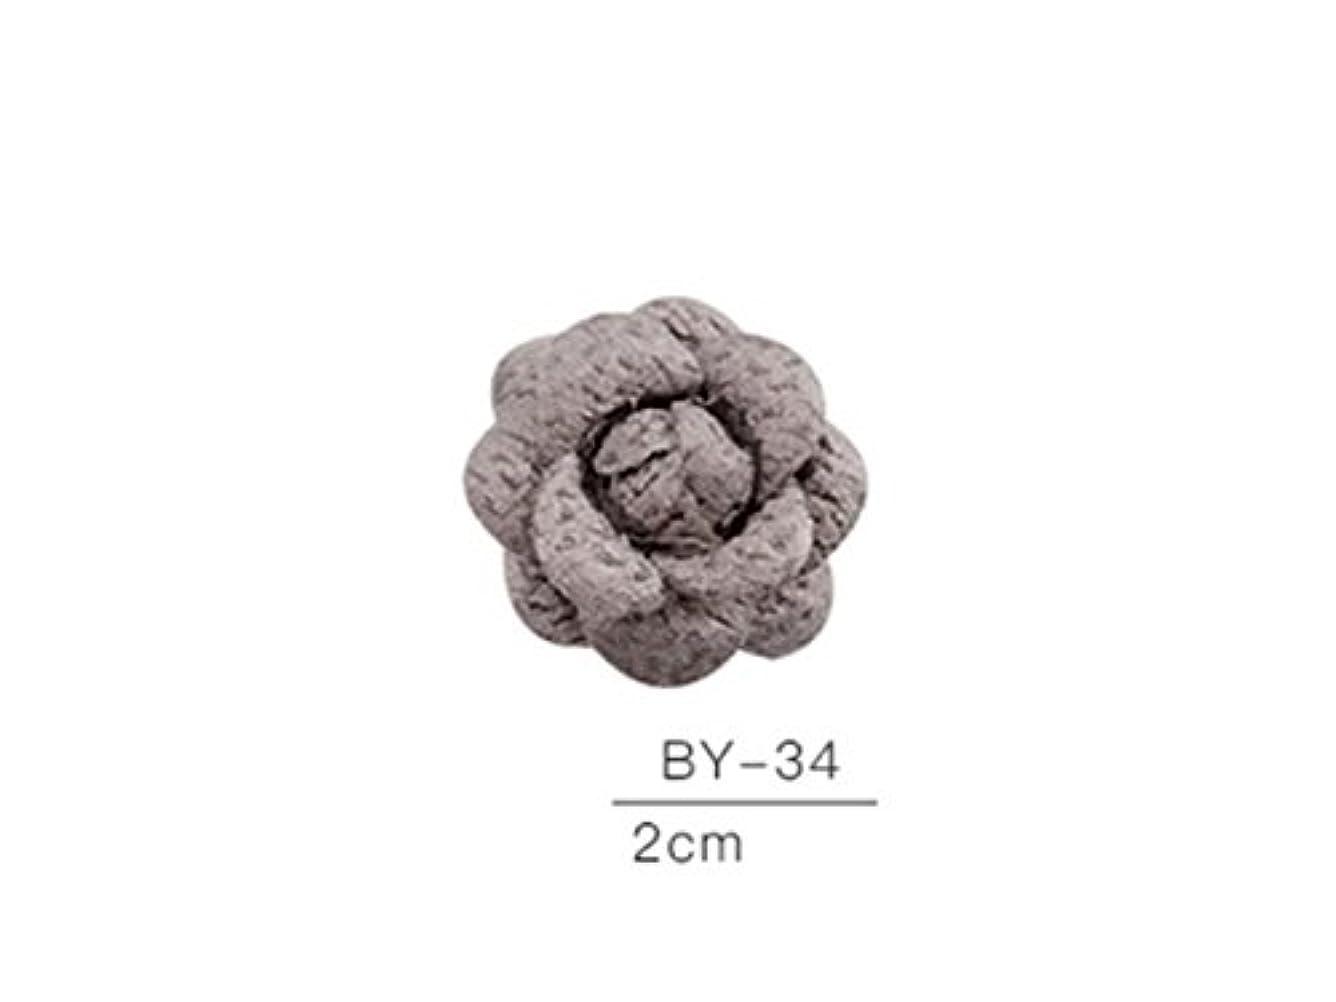 炭素スキム起点Osize カラフルネイルアート樹脂布カメリアネイルジュエリーファブリックネイルアートデコレーションネイルステッカー(グレー)